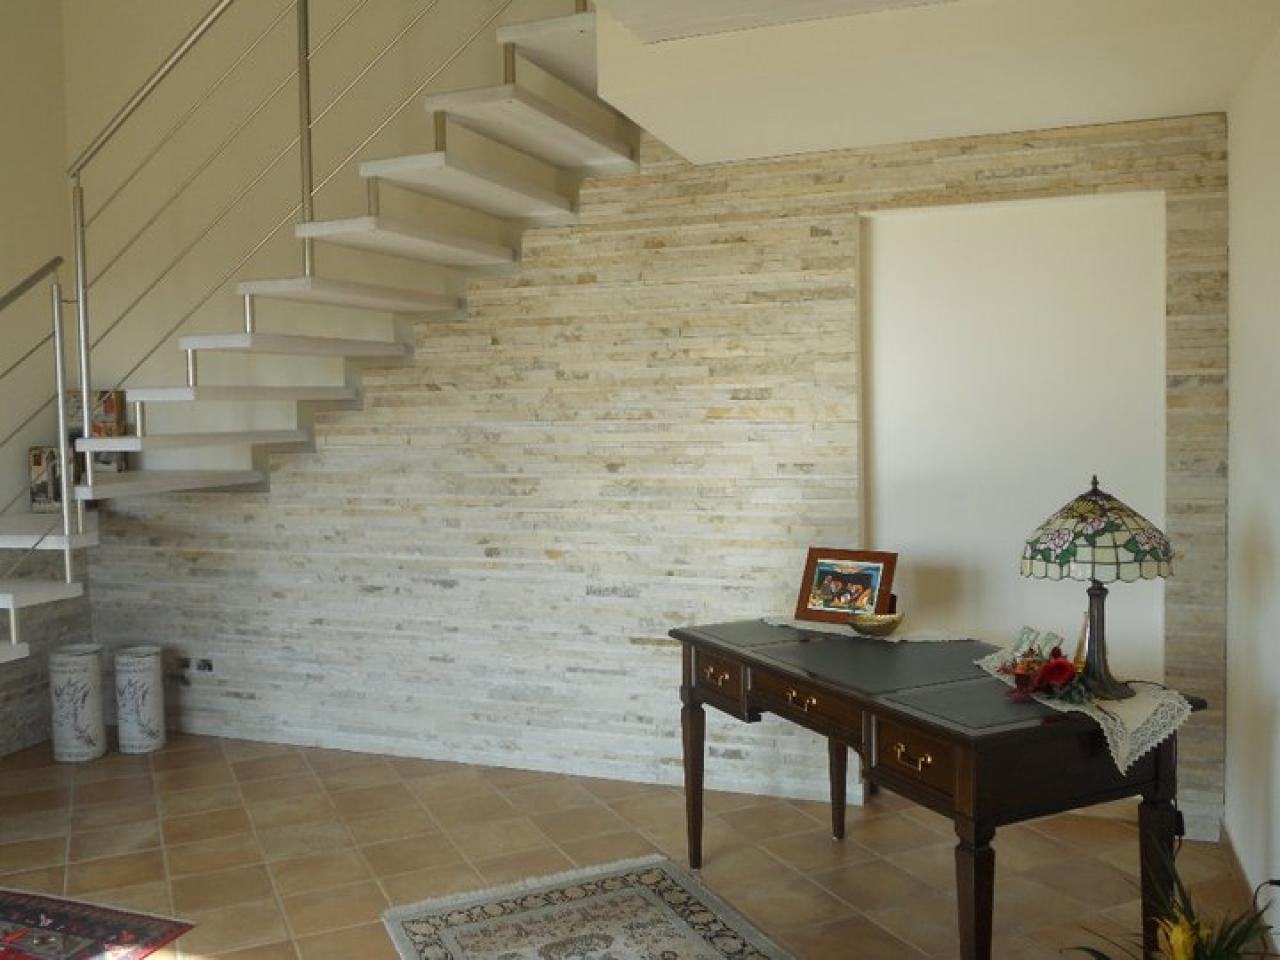 Rivestimenti in pietra all 39 interno della casa fratelli pellizzari - Rivestimento interno in pietra ...